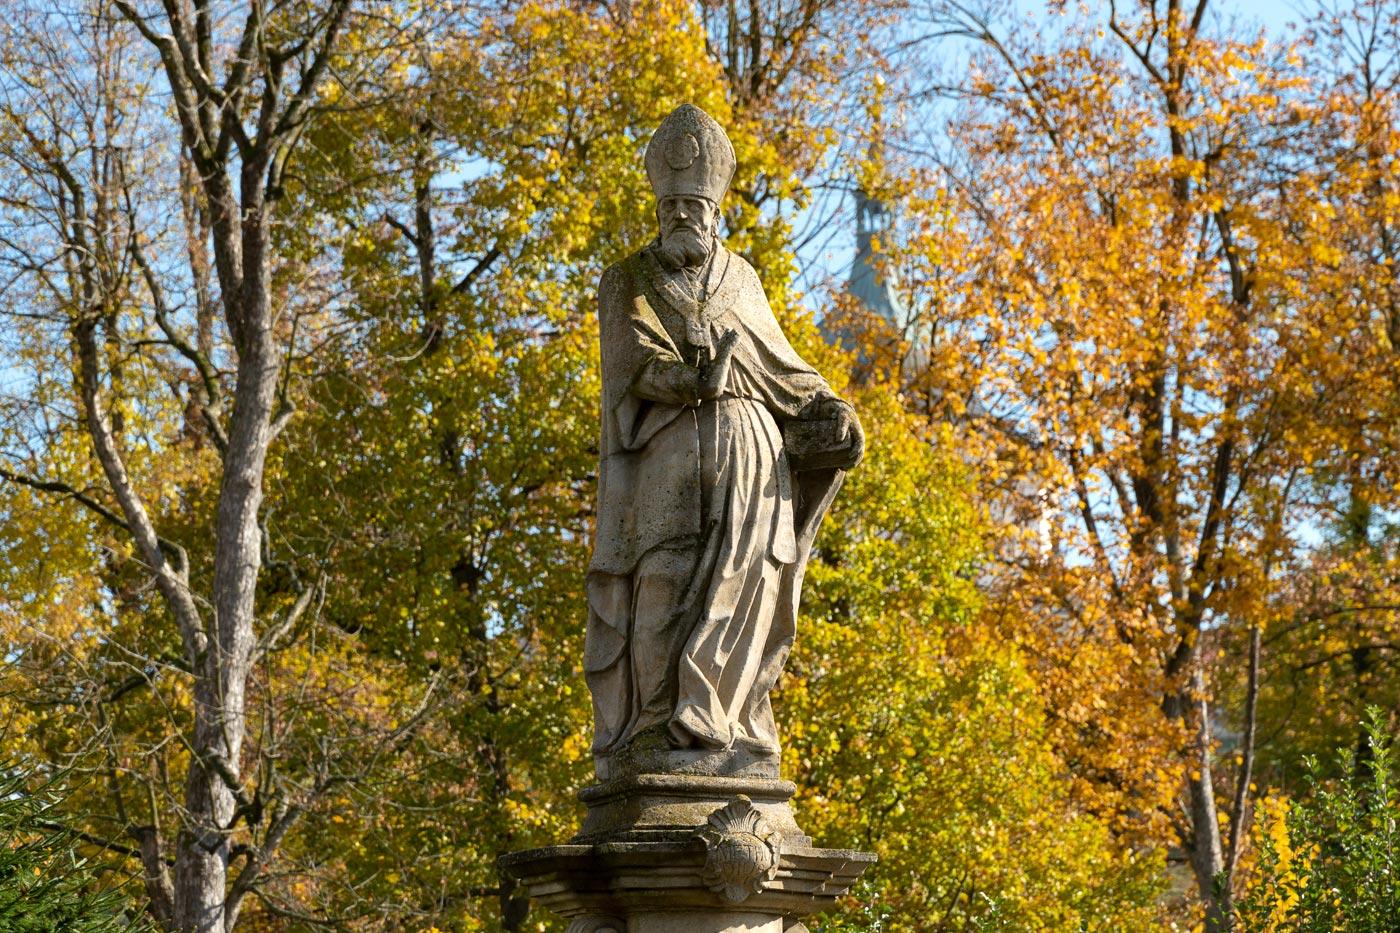 Скульптура святого в парке, Ждяр-над-Сазавой